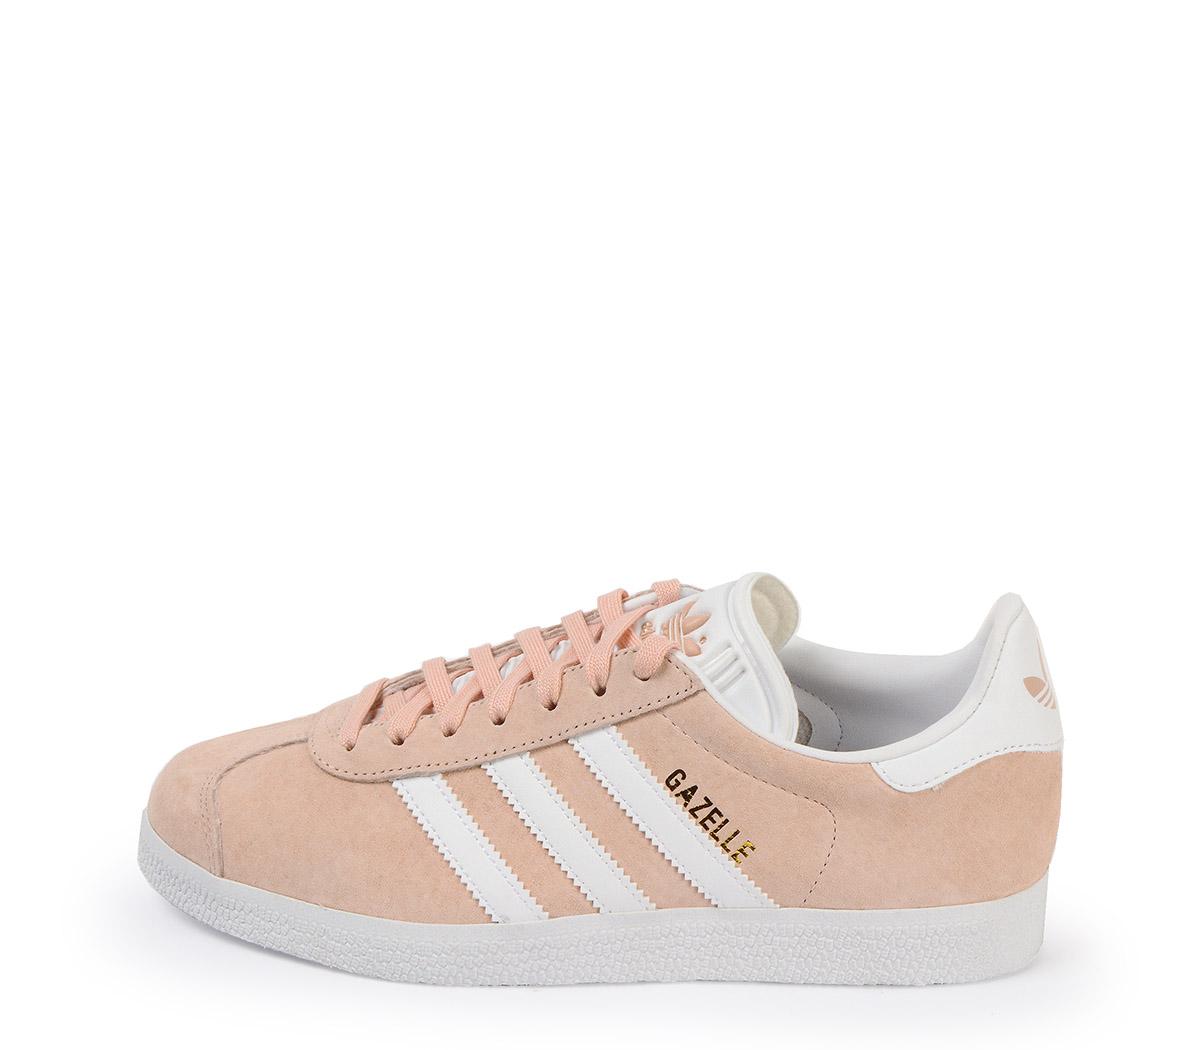 Ref: 3800 Adidas Gazelle serraje rosa palo con detalles en piel blanco. Cordones al tono y blancos de repuesto.